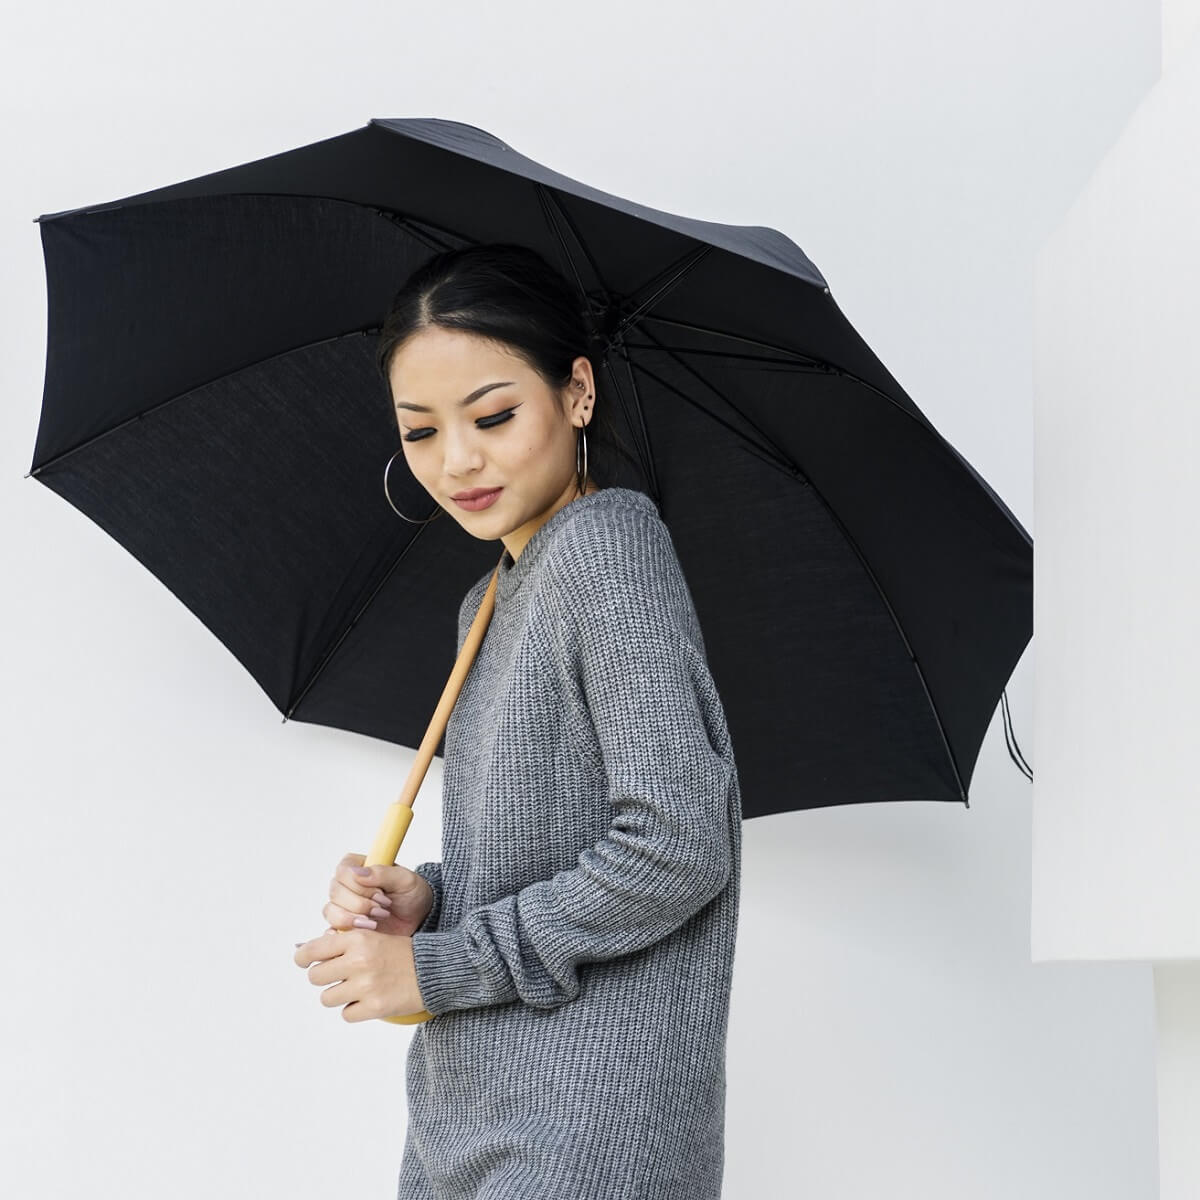 黒の傘をさす女性。